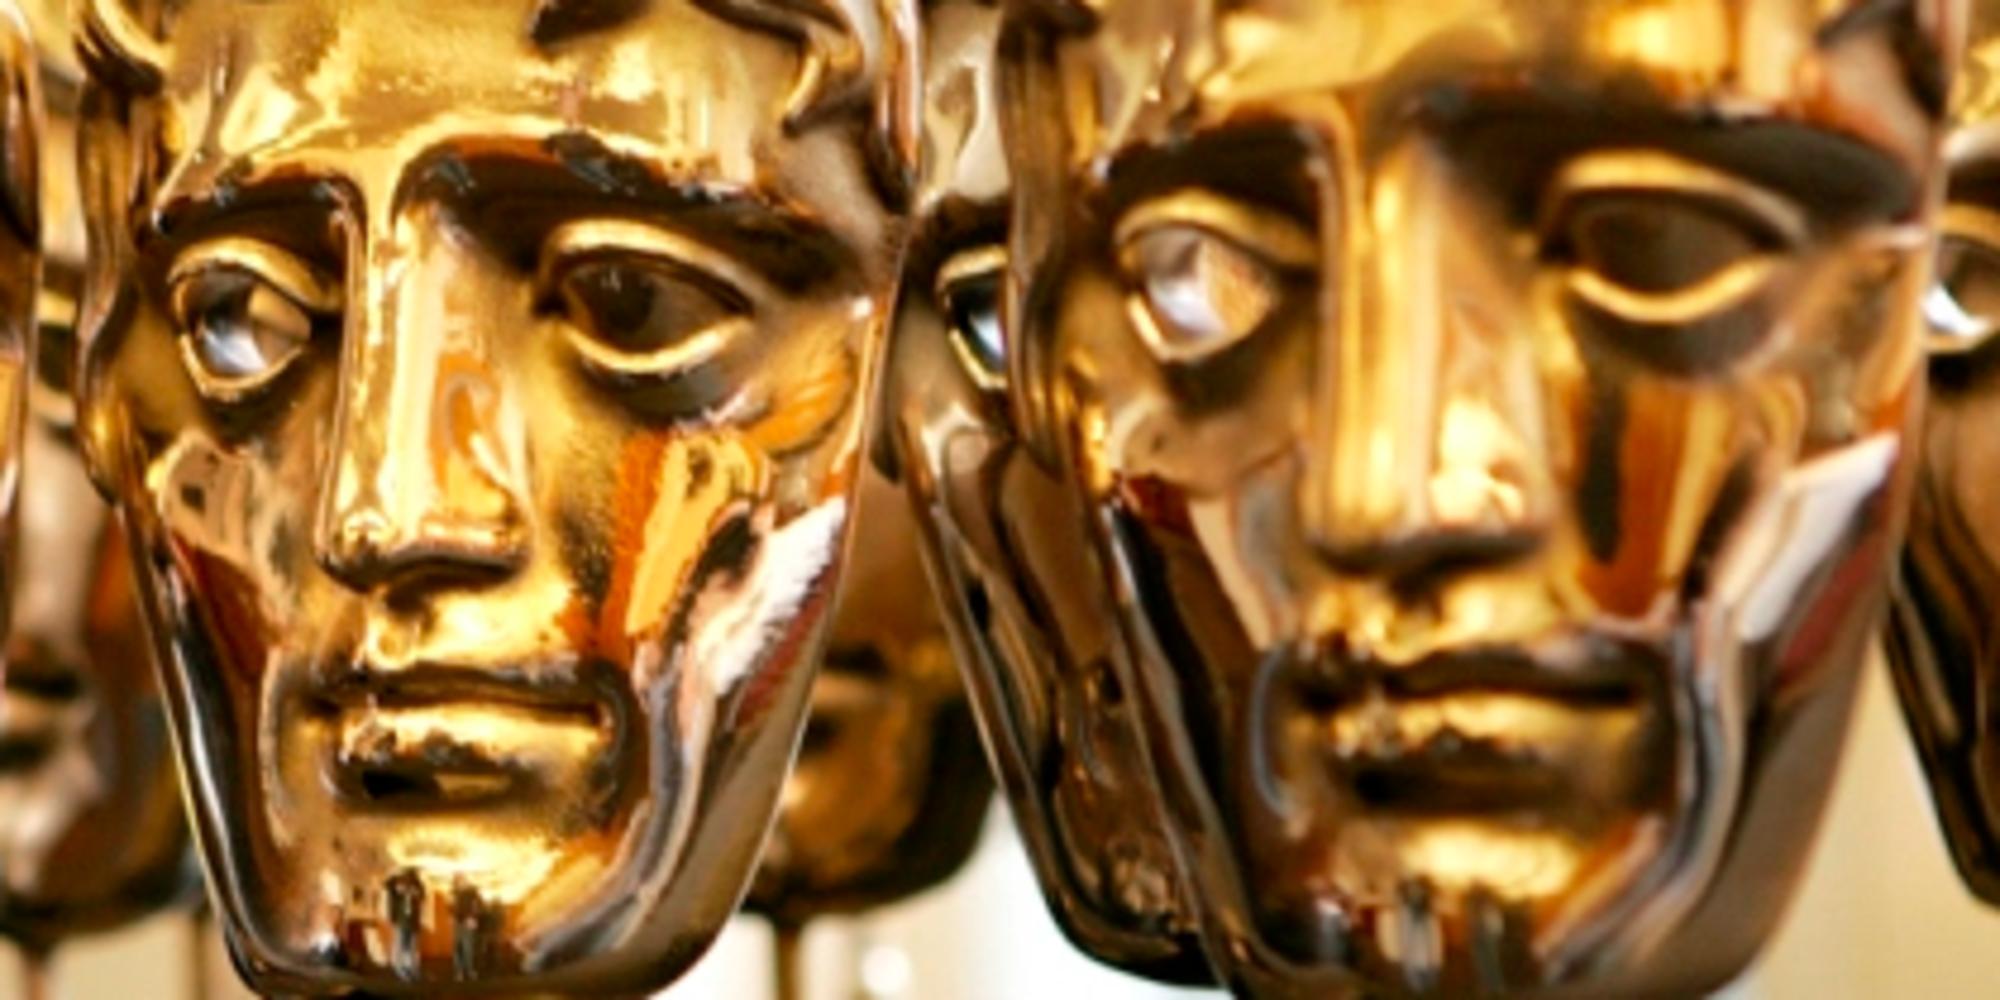 «لالا لند» همه جوایز بفتا رو هم درو کرد